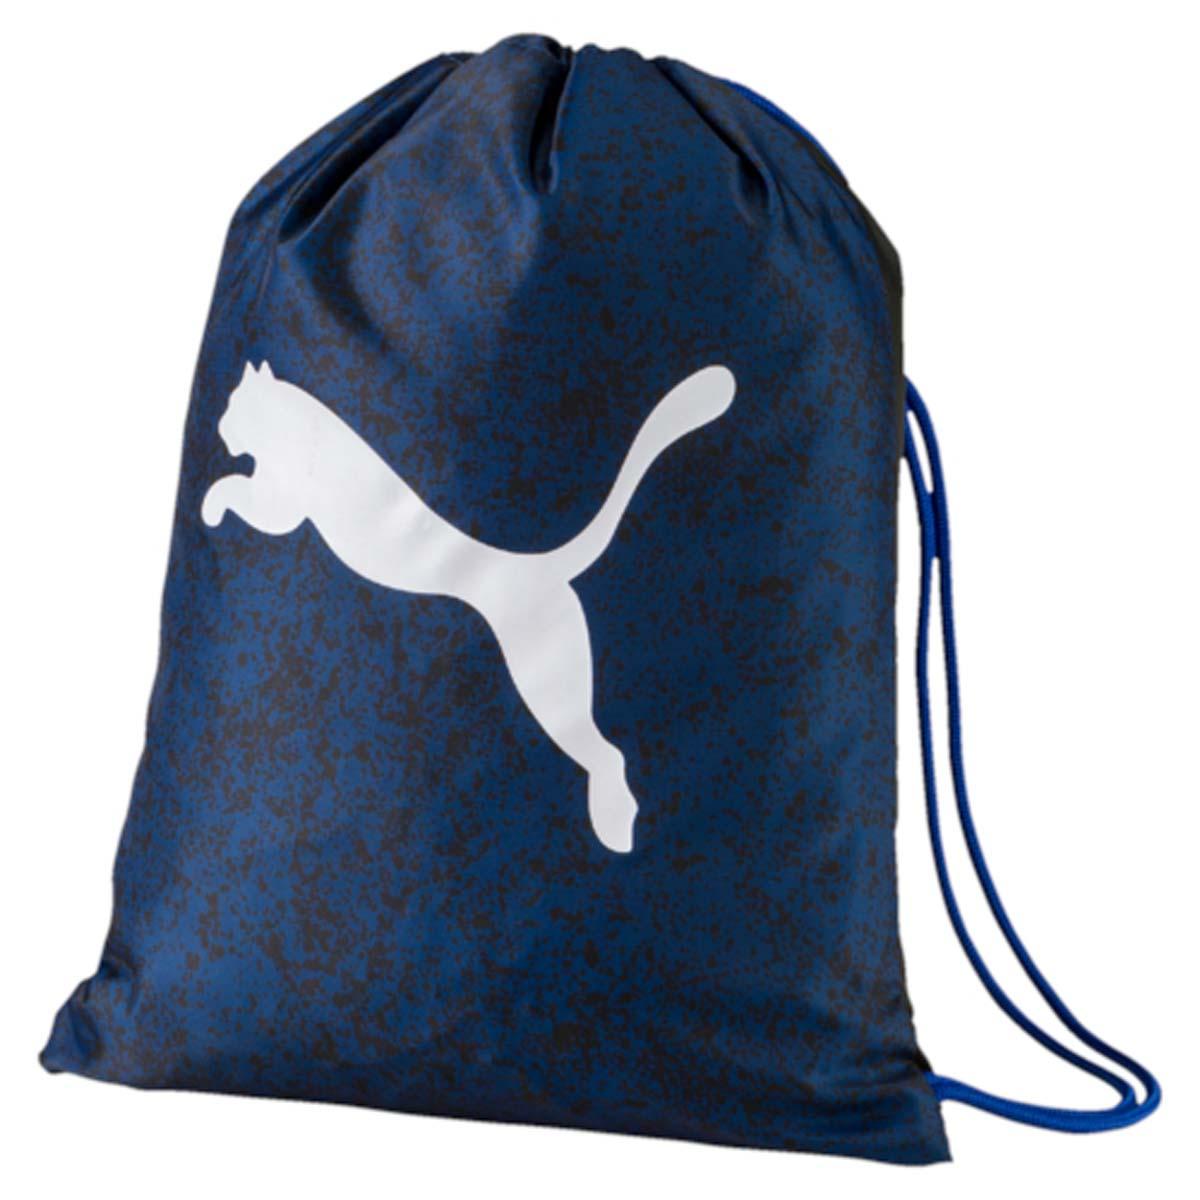 Рюкзак Puma Alpha Gym Sack, цвет: синий. 0744070307440703Спортивный рюкзак Puma выполнен из текстиля. Модель с одним отделением на затягивающемся шнурке и тонких лямках.